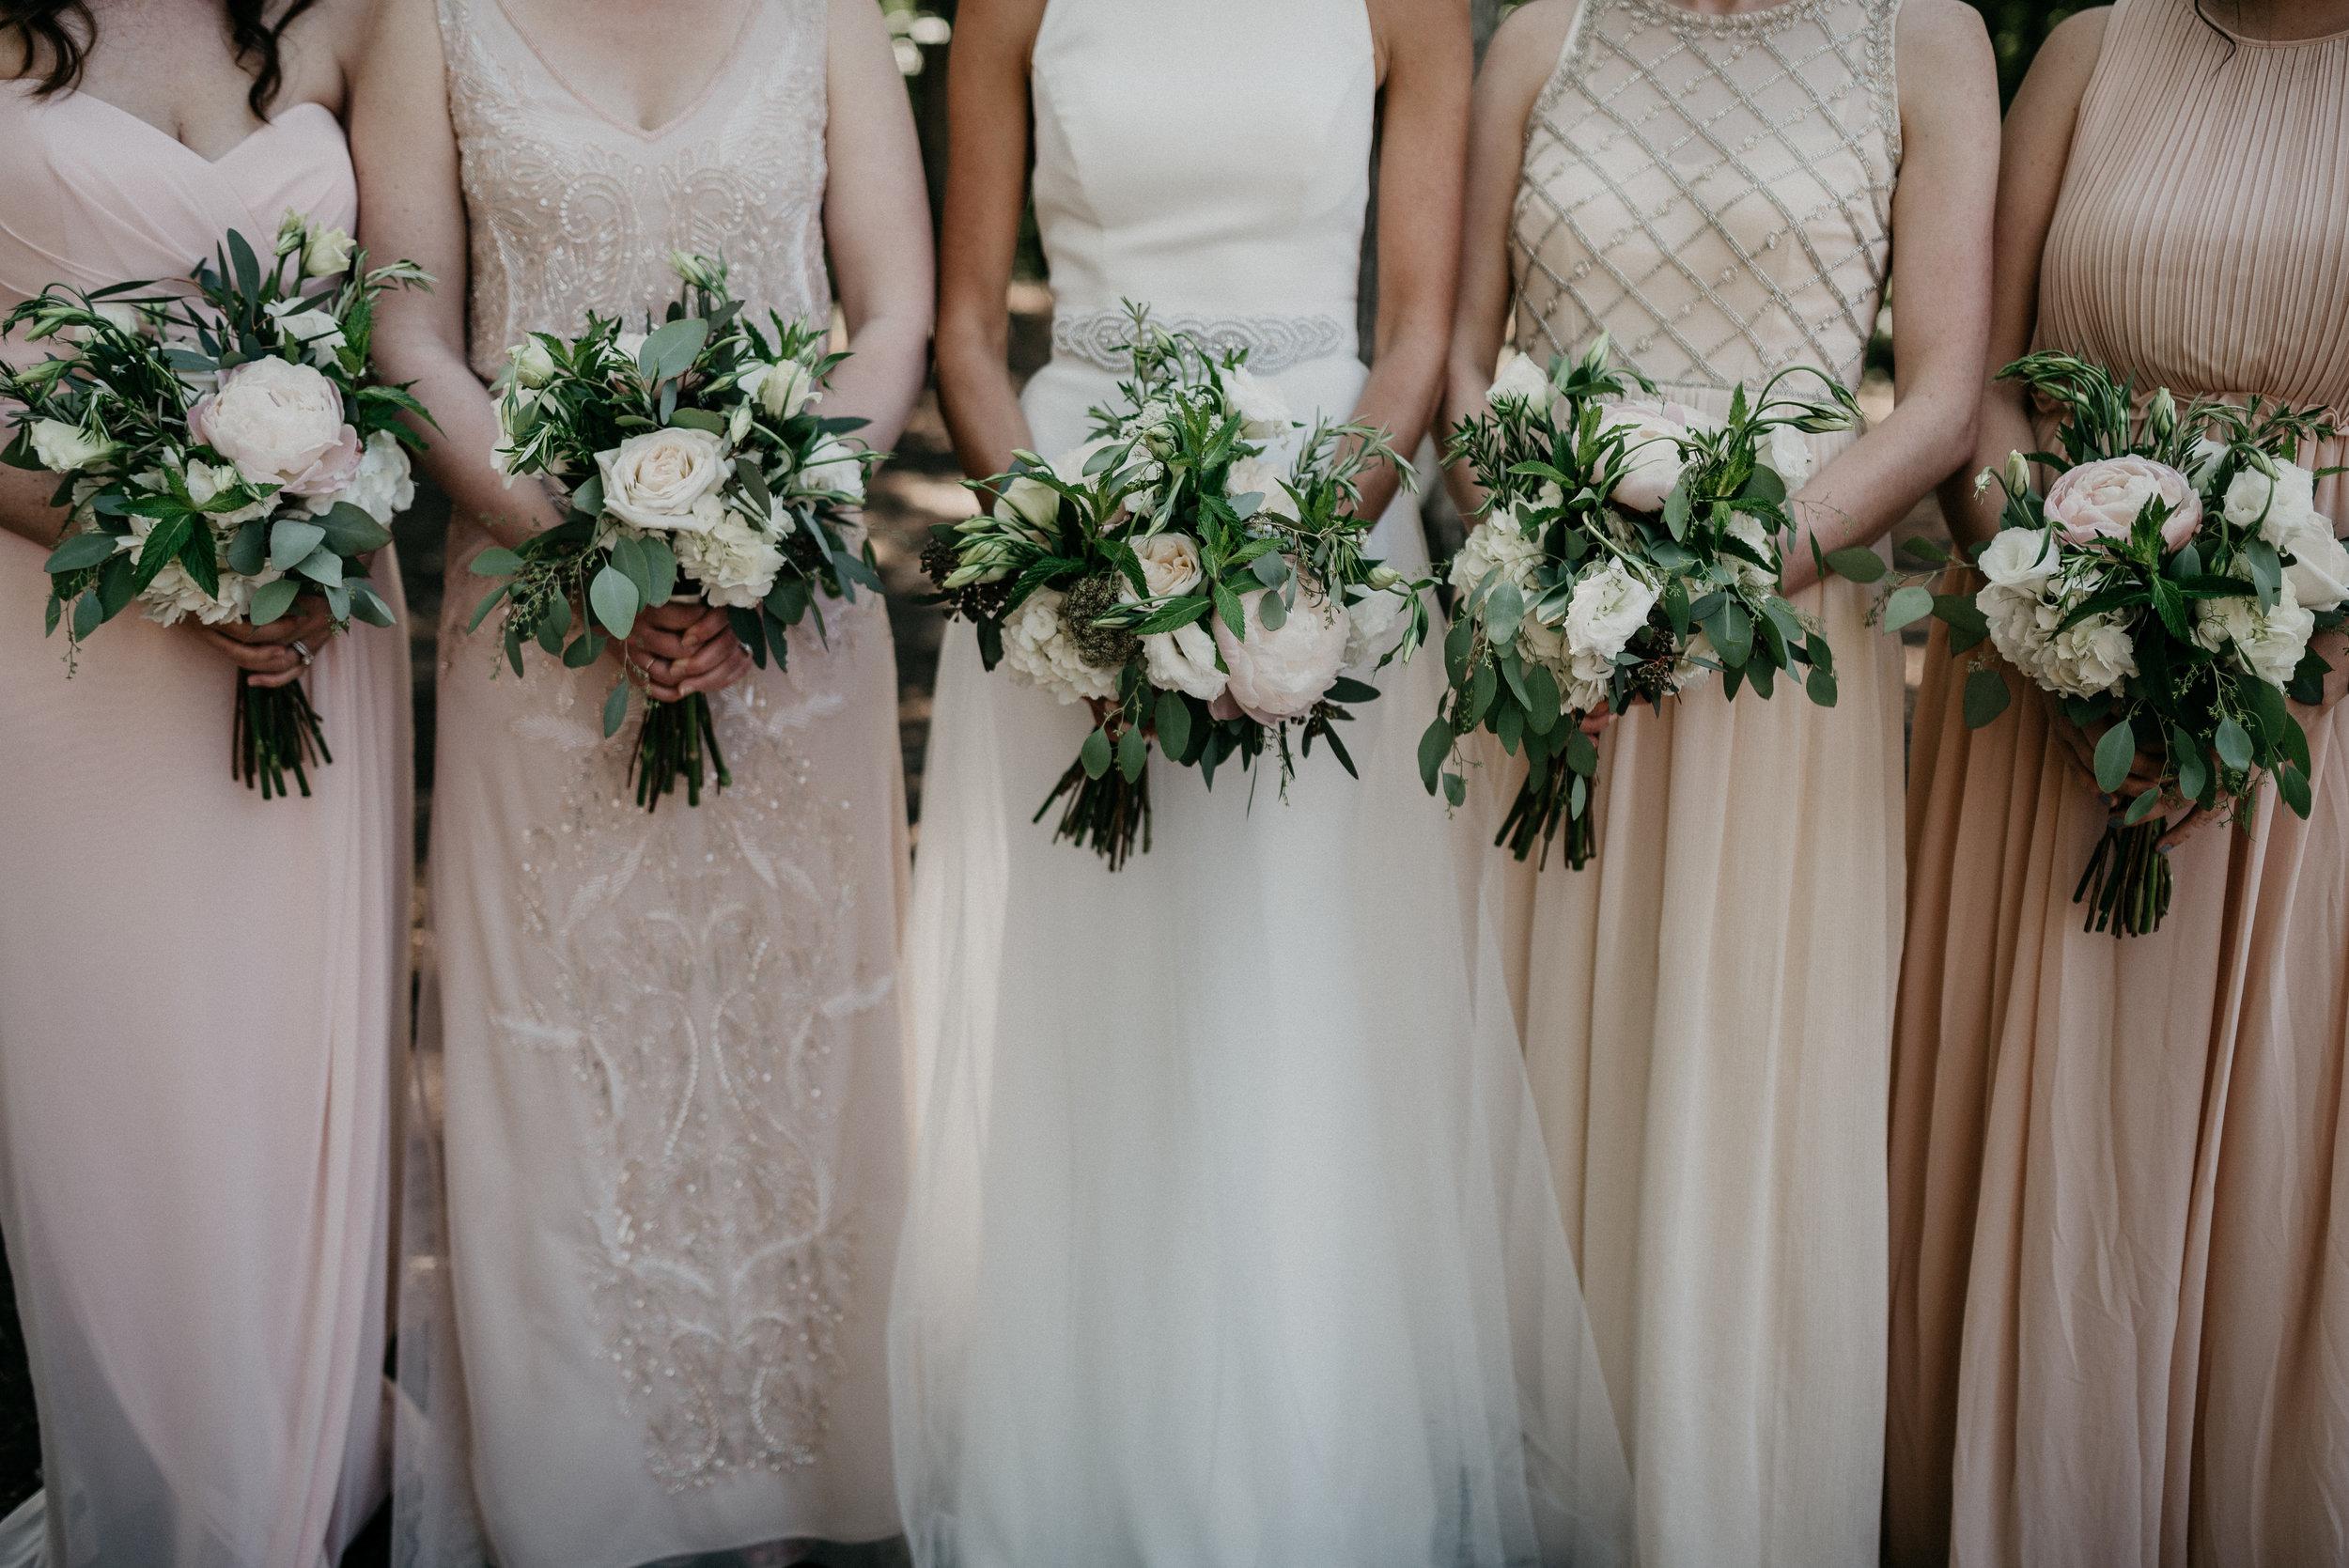 raleigh wedding planner events florals